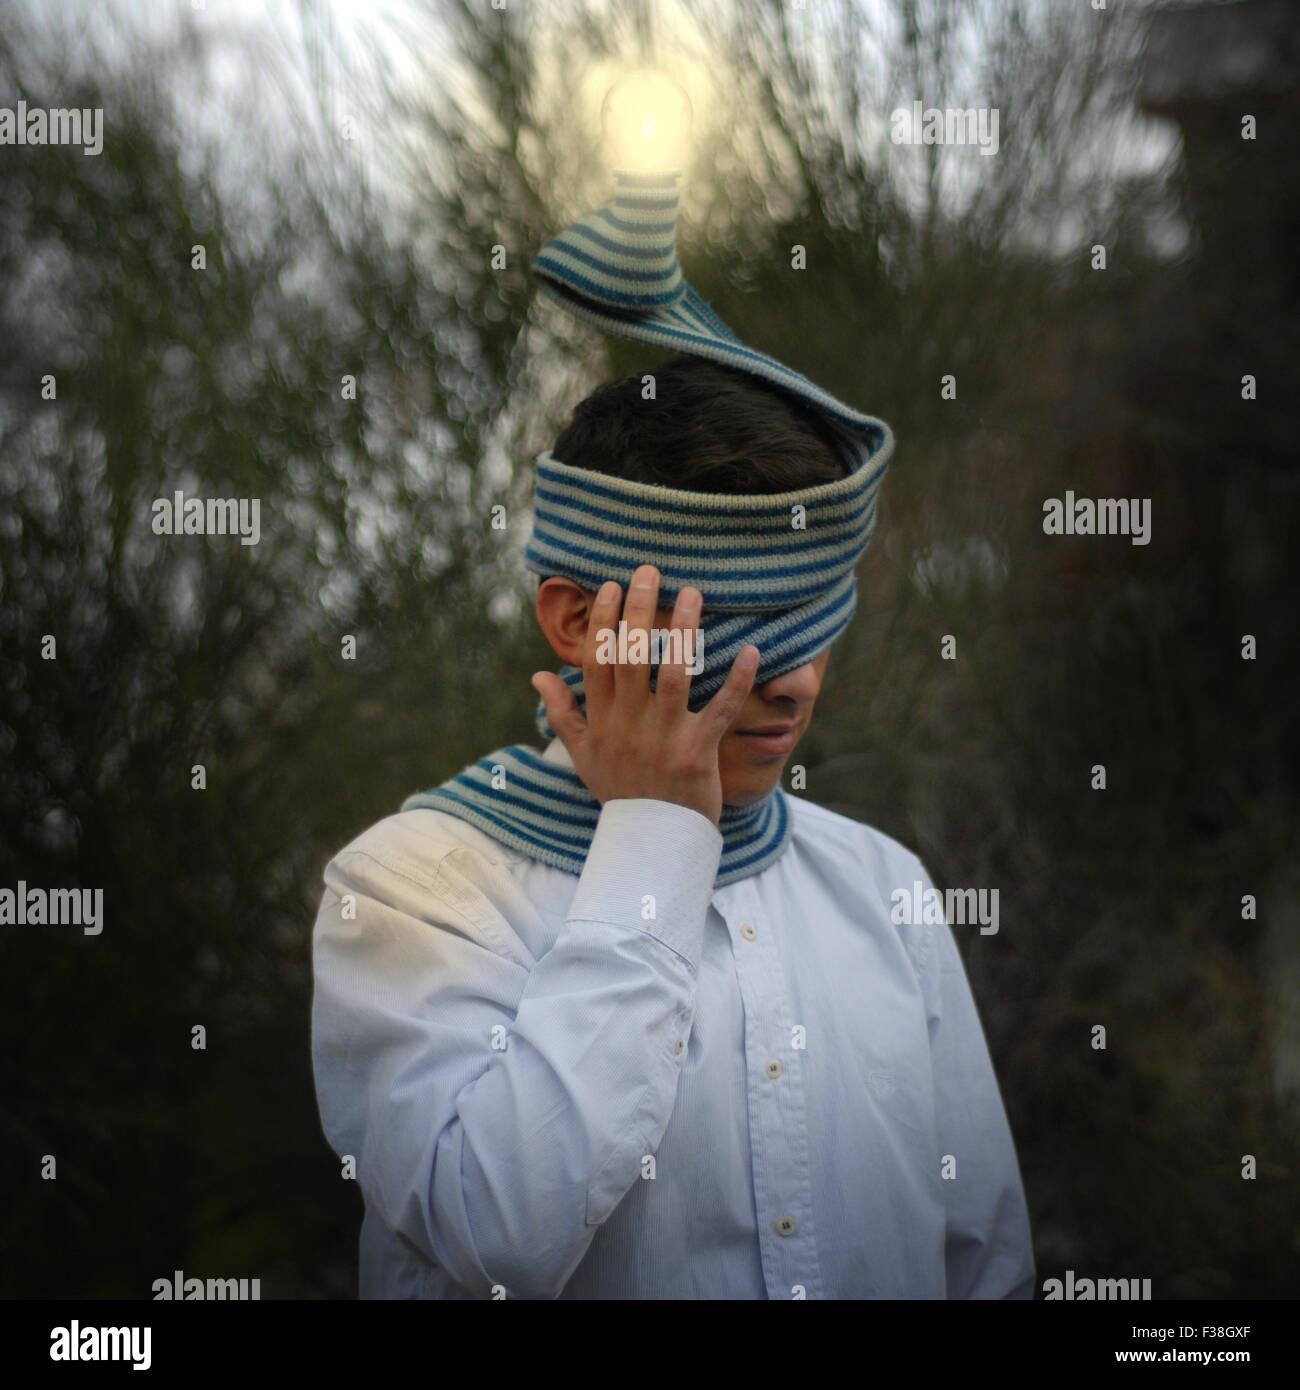 Ragazzo con nasconde il viso con una sciarpa blu e una messa a fuoco acceso Immagini Stock